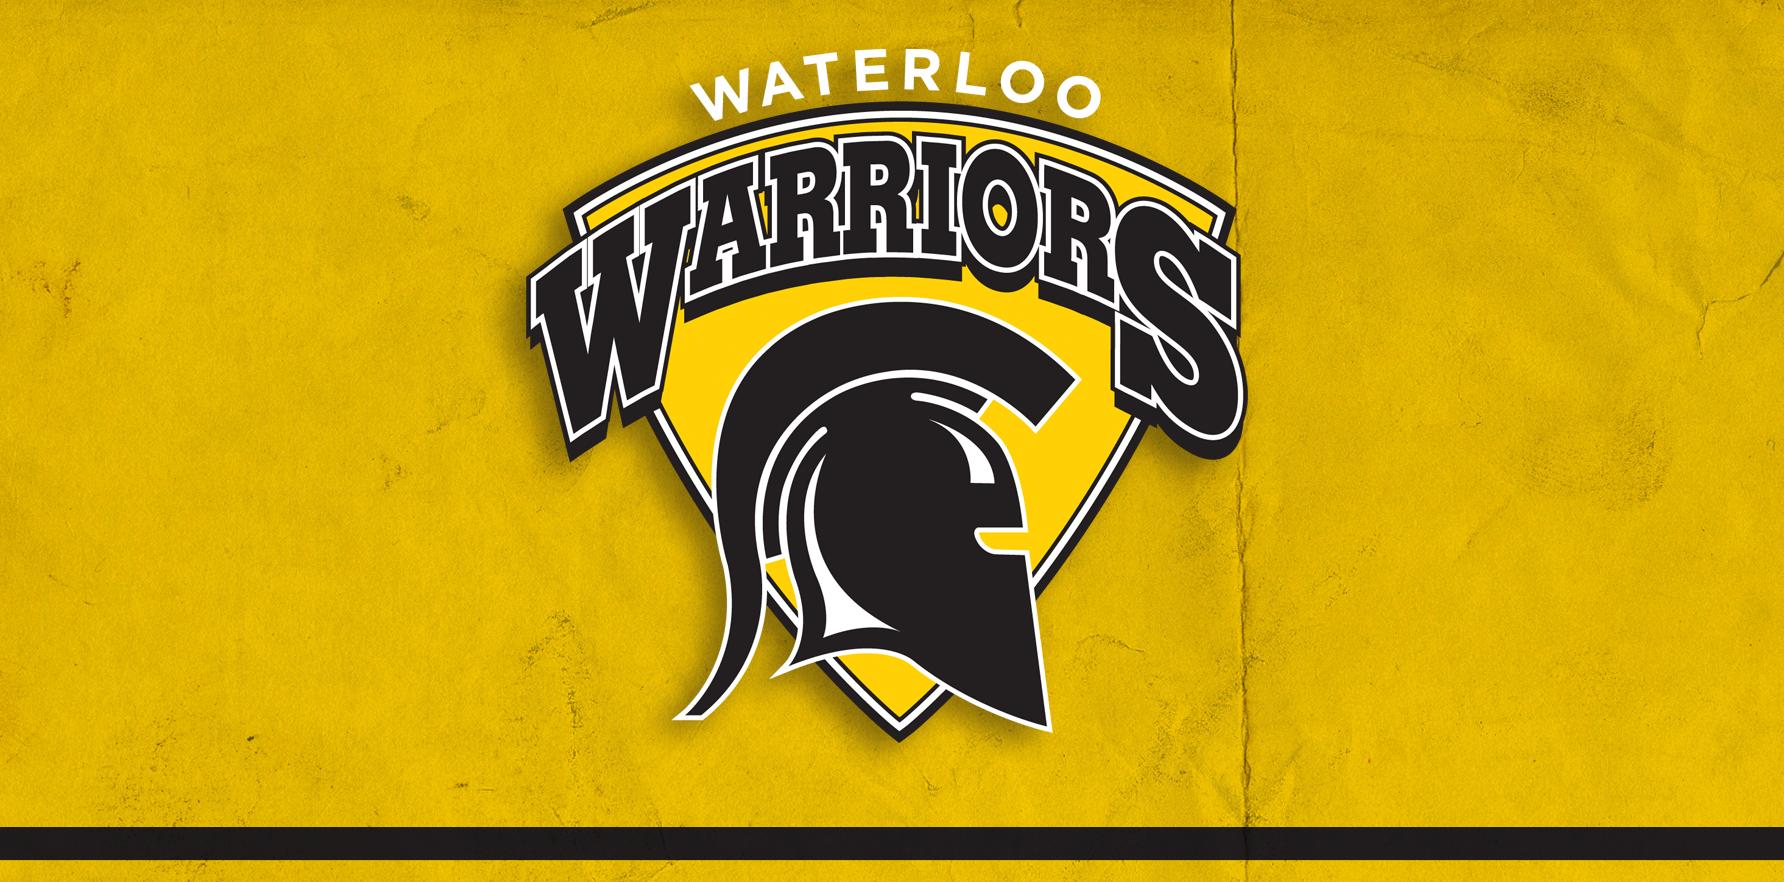 Waterloo Warriors